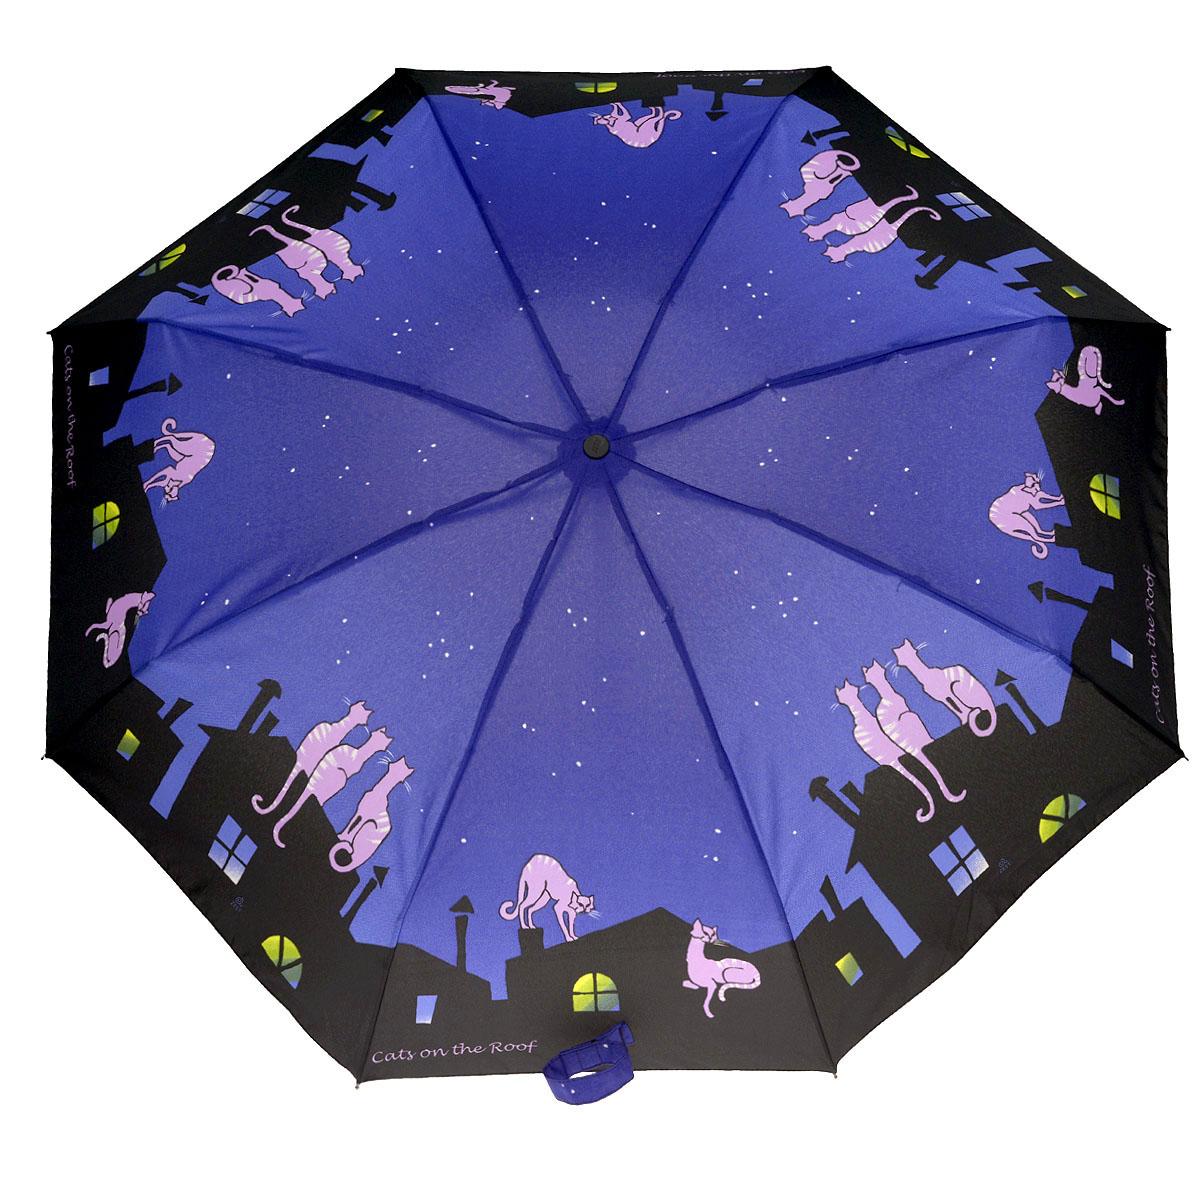 Зонт женский Zest, автомат, 4 сложения, цвет: синий, черный. 24756-27824756-278Очаровательный автоматический зонт Zest в 4 сложения изготовлен из высокопрочных материалов. Каркас зонта состоит из 8 спиц и прочного алюминиевого стержня. Специальная система Windproof защищает его от поломок во время сильных порывов ветра. Купол зонта выполнен из прочного полиэстера с водоотталкивающей пропиткой и оформлен изображением котов на фоне ночного города. Используемые высококачественные красители обеспечивают длительное сохранение свойств ткани купола. Рукоятка, разработанная с учетом требований эргономики, выполнена из пластика. Зонт имеет полный автоматический механизм сложения: купол открывается и закрывается нажатием кнопки на рукоятке, стержень складывается вручную до характерного щелчка. Благодаря этому открыть и закрыть зонт можно одной рукой, что чрезвычайно удобно при входе в транспорт или помещение. Небольшой шнурок, расположенный на рукоятке, позволяет надеть изделие на руку при необходимости. Модель закрывается при помощи хлястика на...